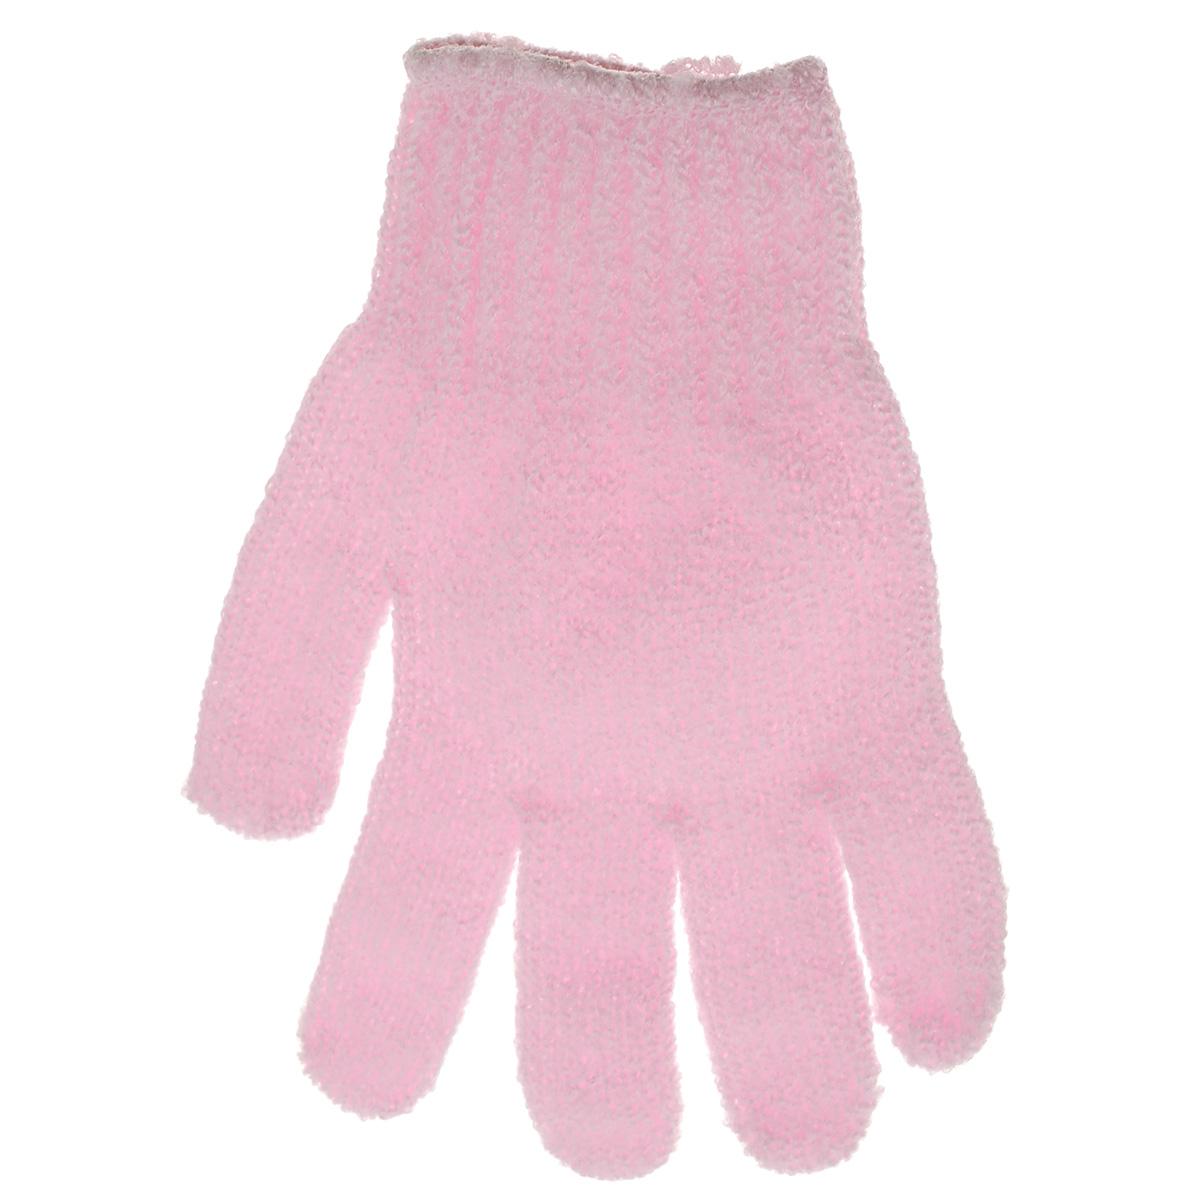 Перчатка массажная The Body Time, цвет: розовый, 17,5 х 12,5 см57201Массажная перчатка The Body Time выполненная из нейлона, прекрасно массирует, тонизирует и очищает кожу. Обладая эффектом скраба, перчатка мягко отшелушивает верхний слой эпидермиса, стимулируя рост новых, молодых клеток, делая кожу здоровой и красивой. Перчатка используется для душа или для массажных процедур. Размер перчатки: 17,5 х 12,5 см.Как ухаживать за ногтями: советы эксперта. Статья OZON Гид